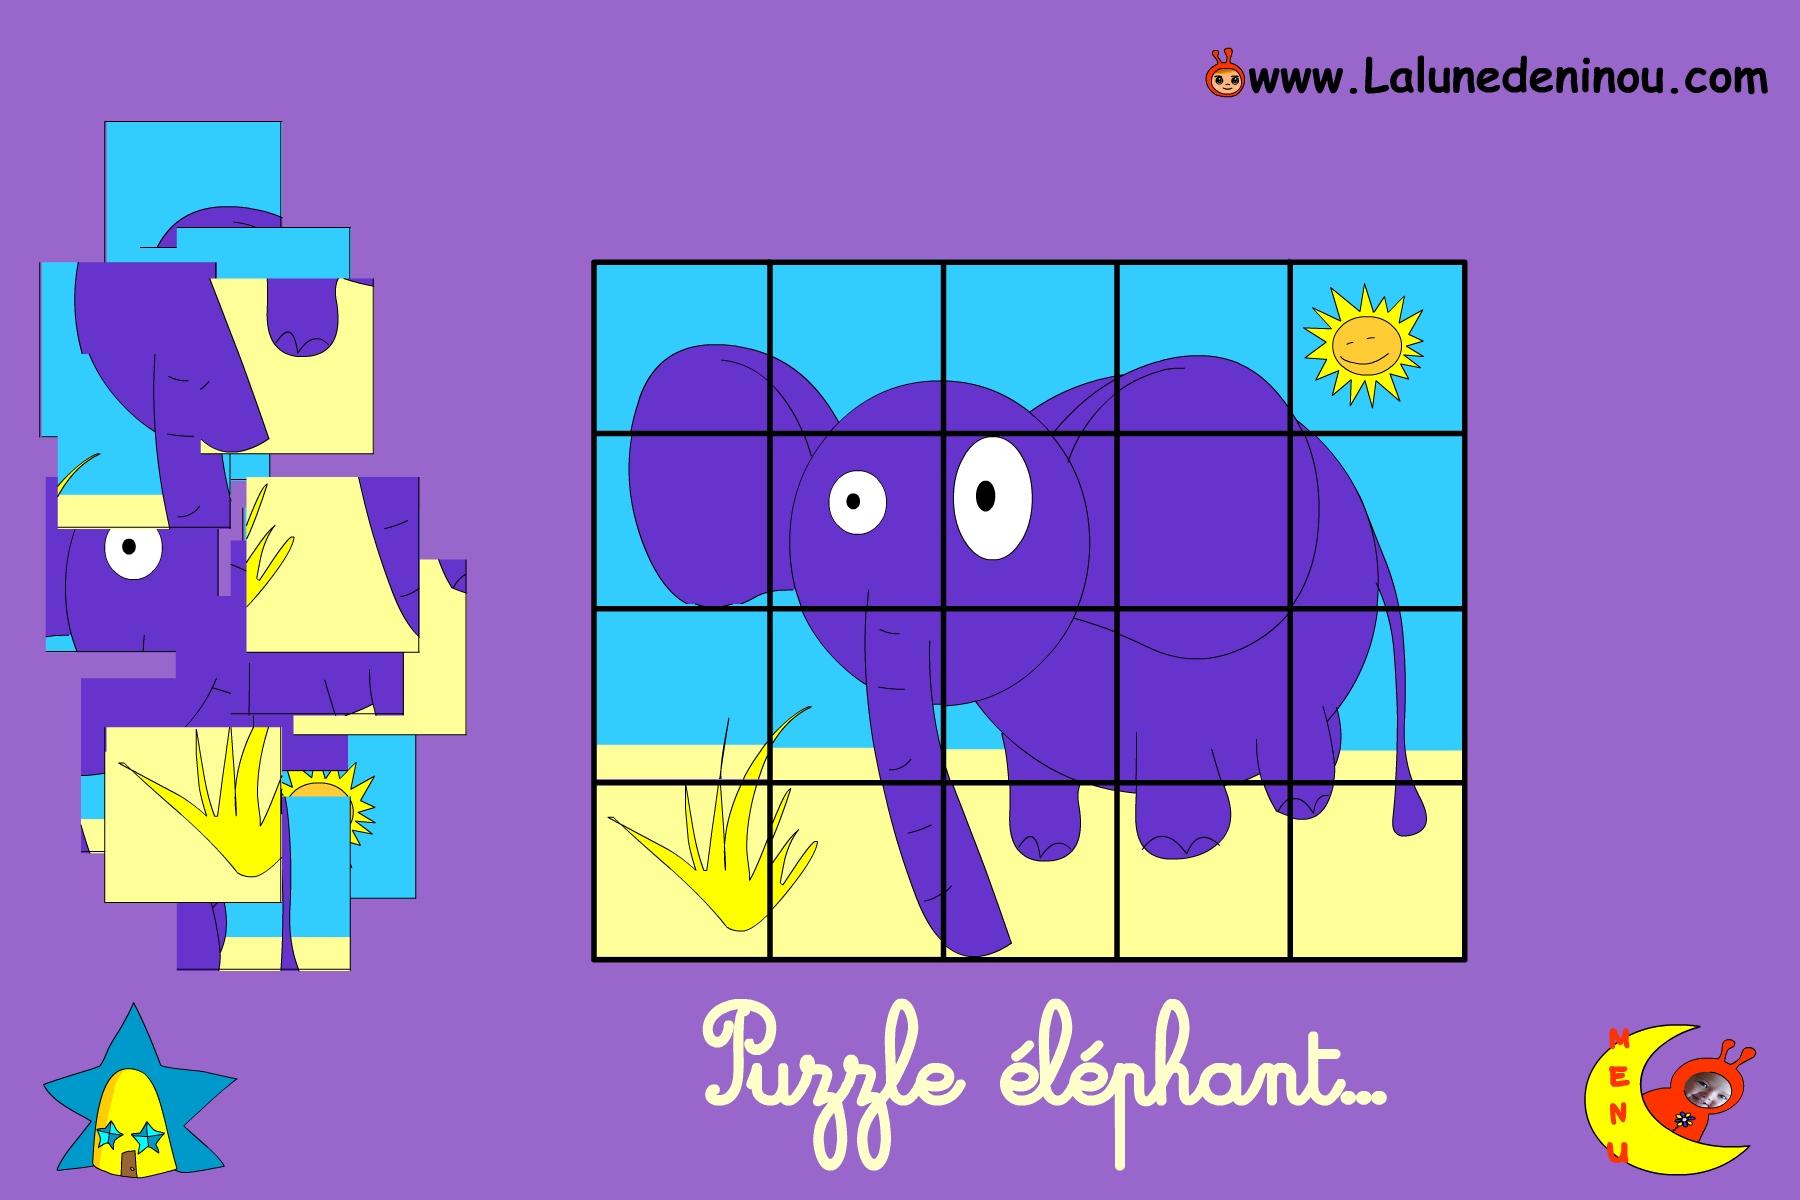 Puzzle En Ligne Pour Enfant De Maternelle - Lalunedeninou tout Jeu Educatif 4 Ans Gratuit En Ligne